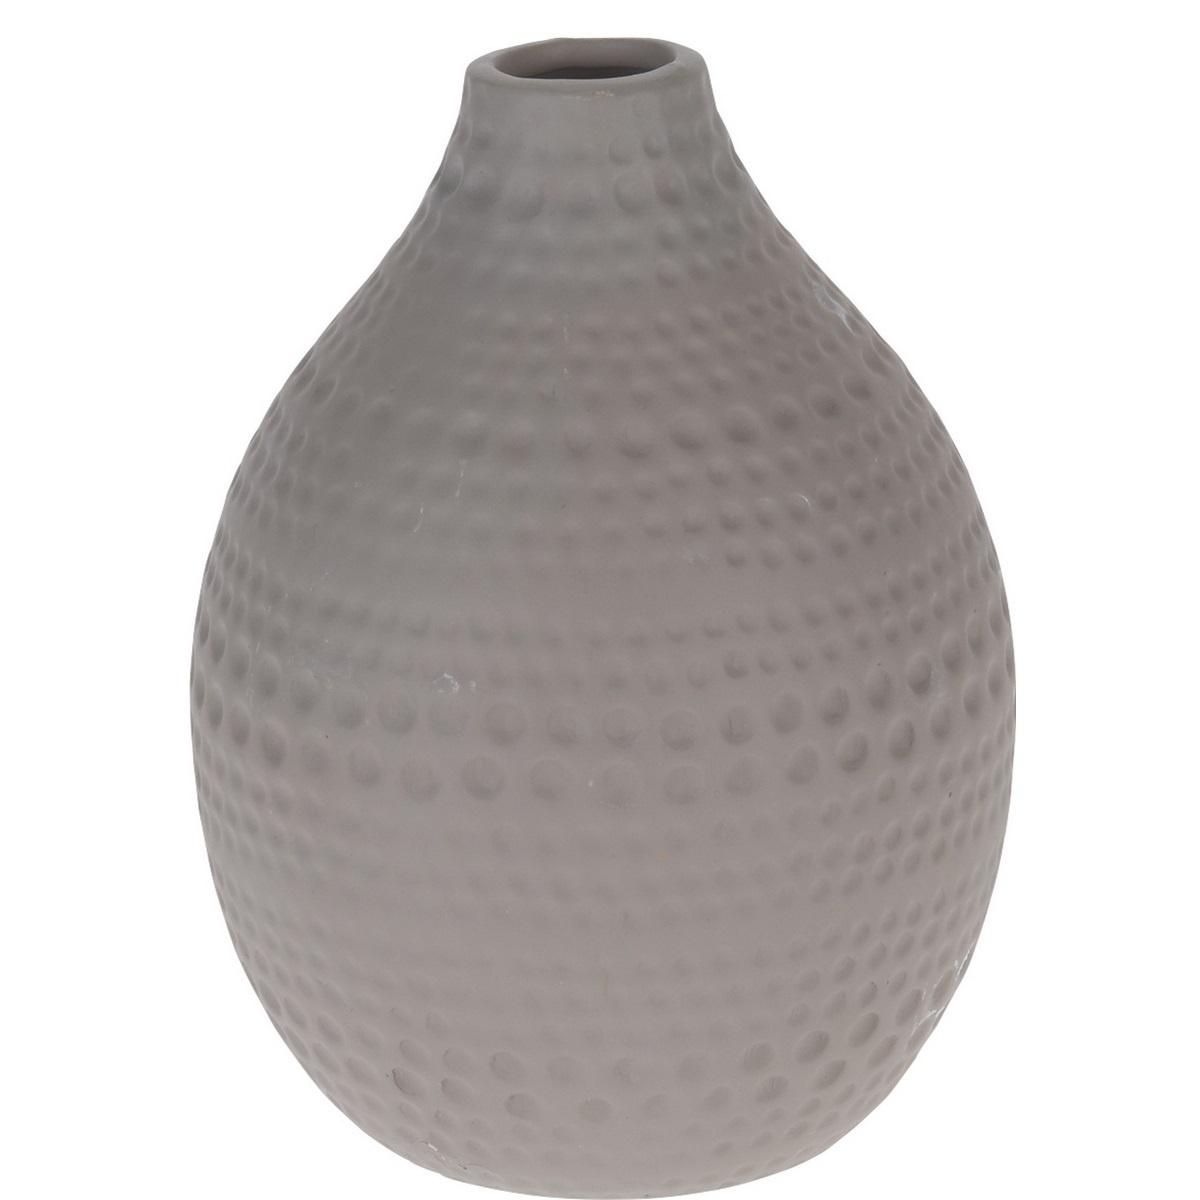 Koopman Keramická váza Asuan hnědá, 17,5 cm